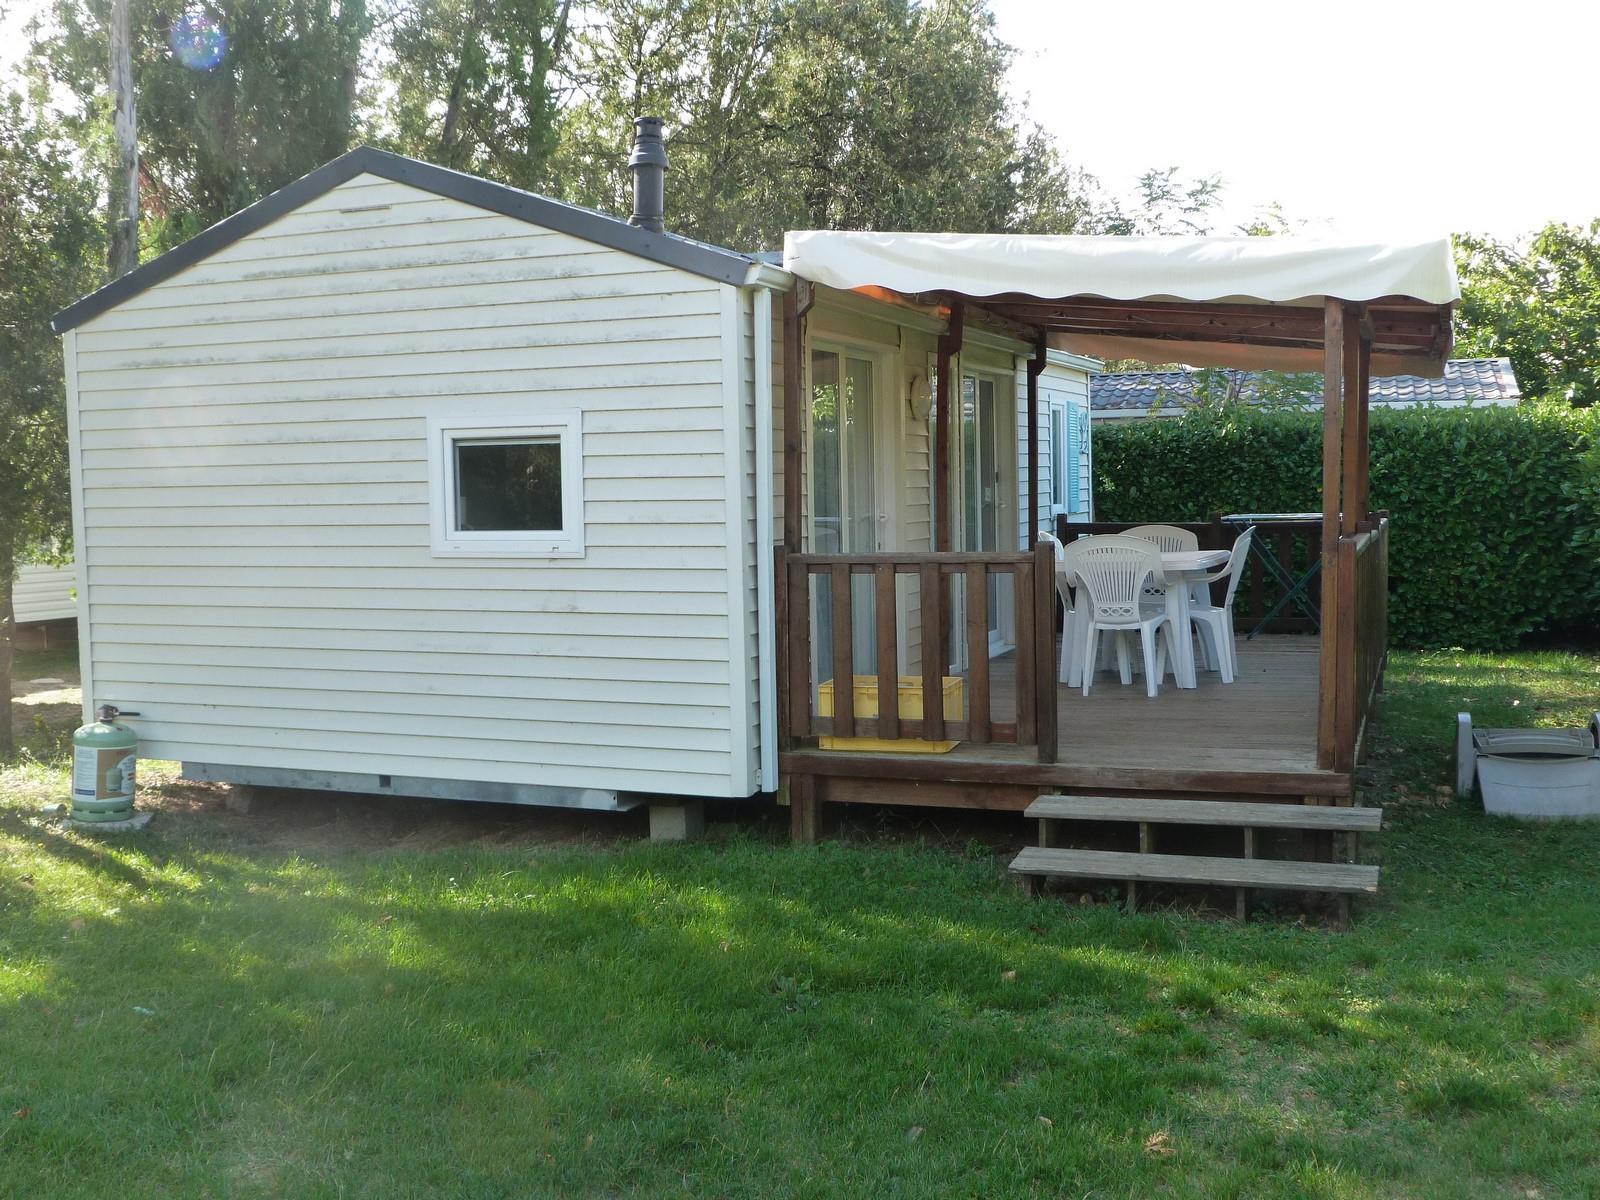 Mobil-Home 2 chambres - 30m² + terrasse couverte 14m² (3 Modèles sur le camping)